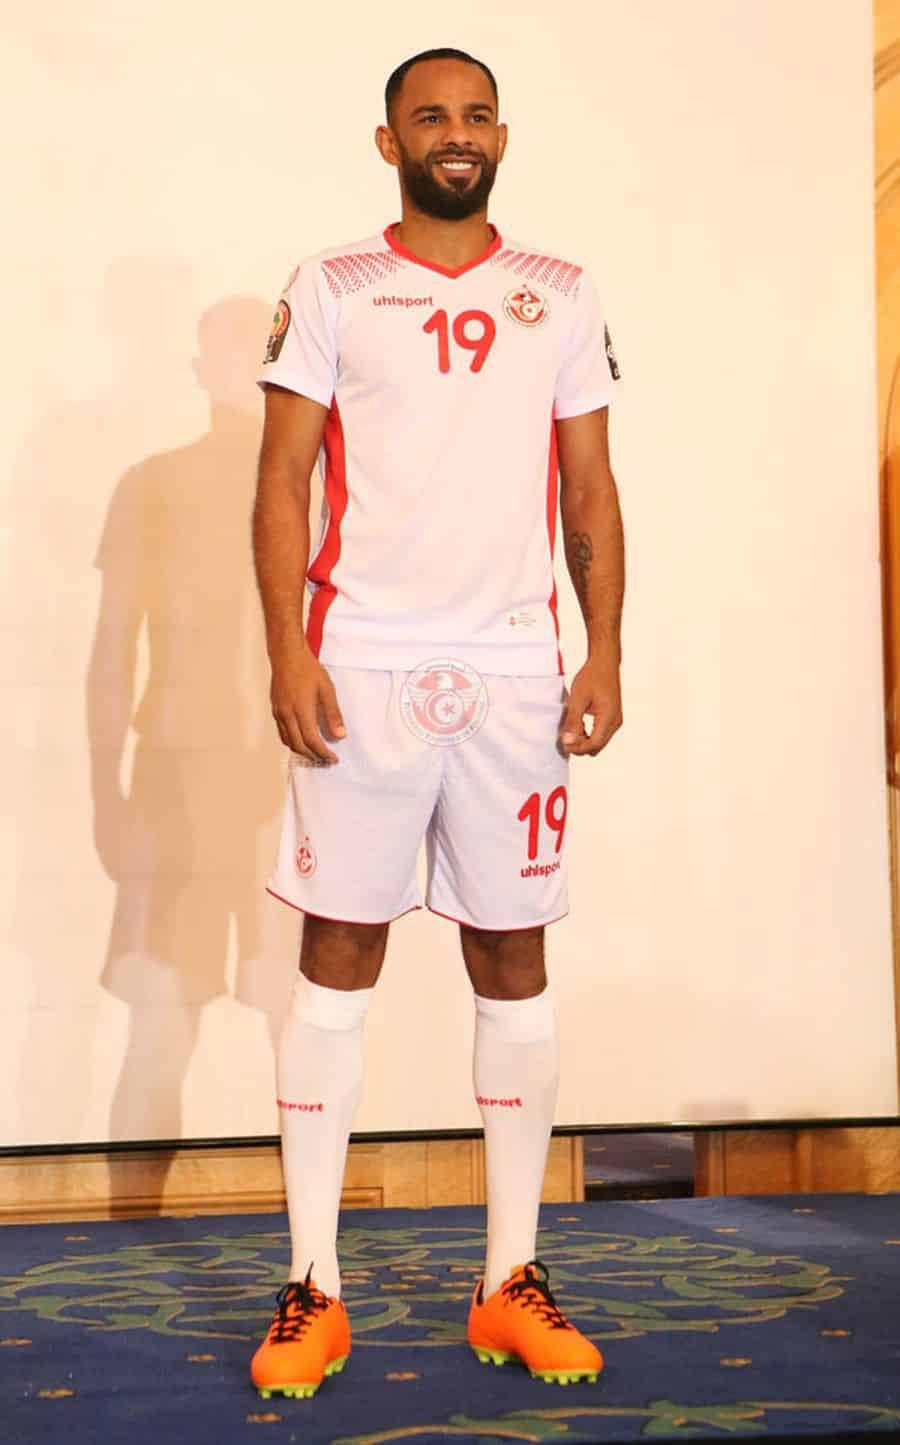 maillot-domicile-tunisie-coupe-afrique-des-nations-2017-uhlsport